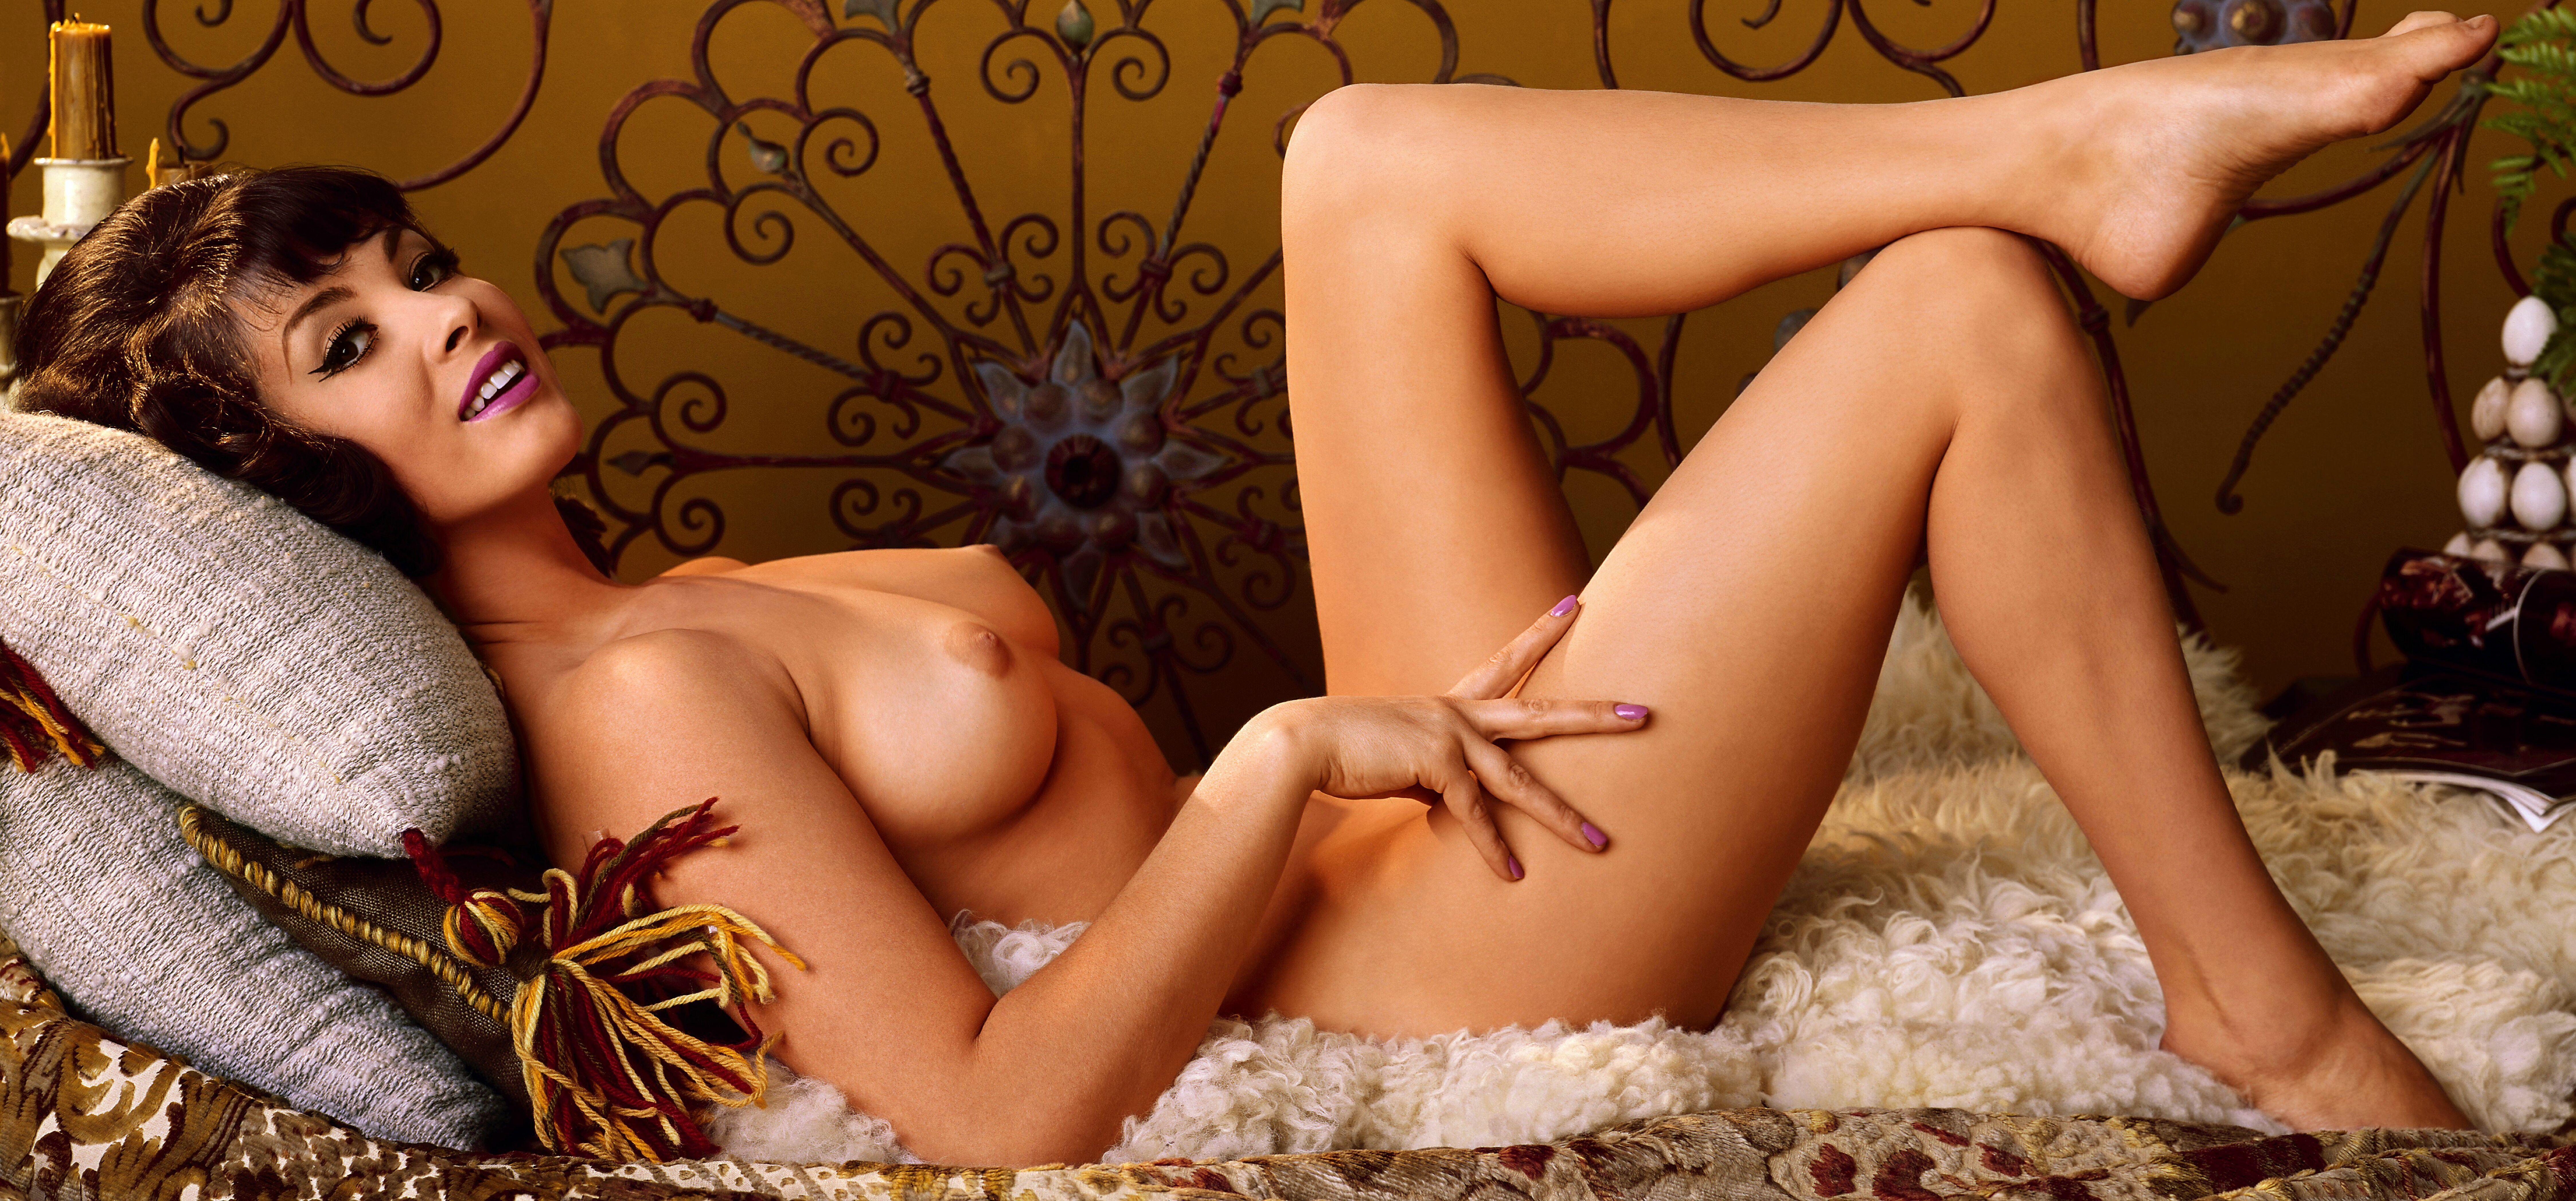 Фото ретро голие девушки, Фотографии ретро-эротики, фото эротика 17 фотография